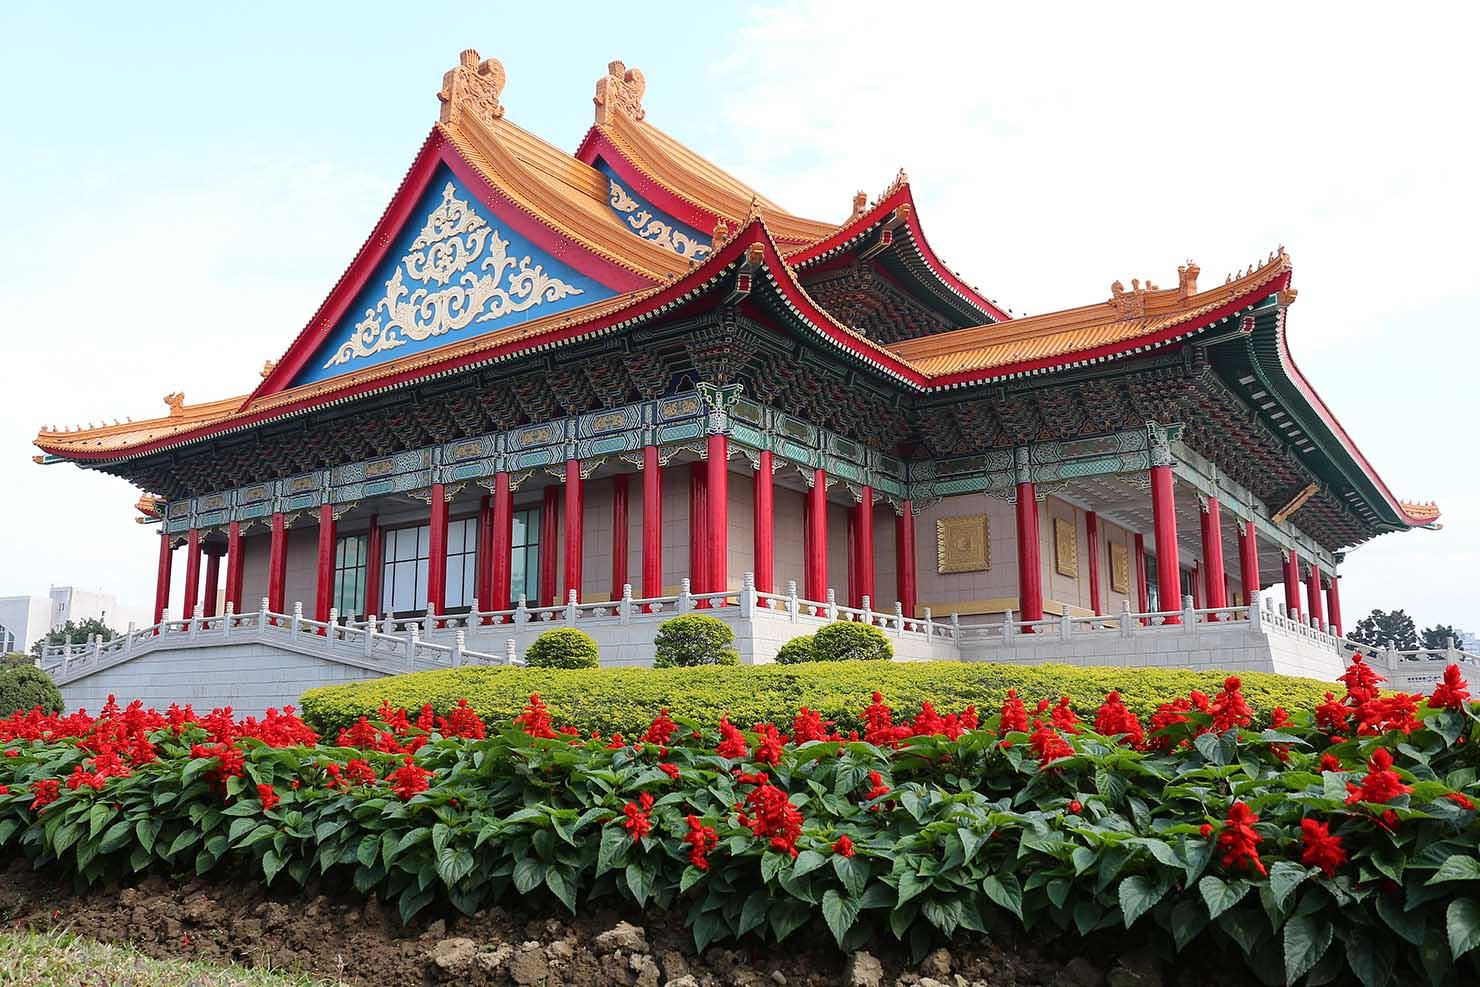 台北・中正紀念堂の「國家音樂廳」